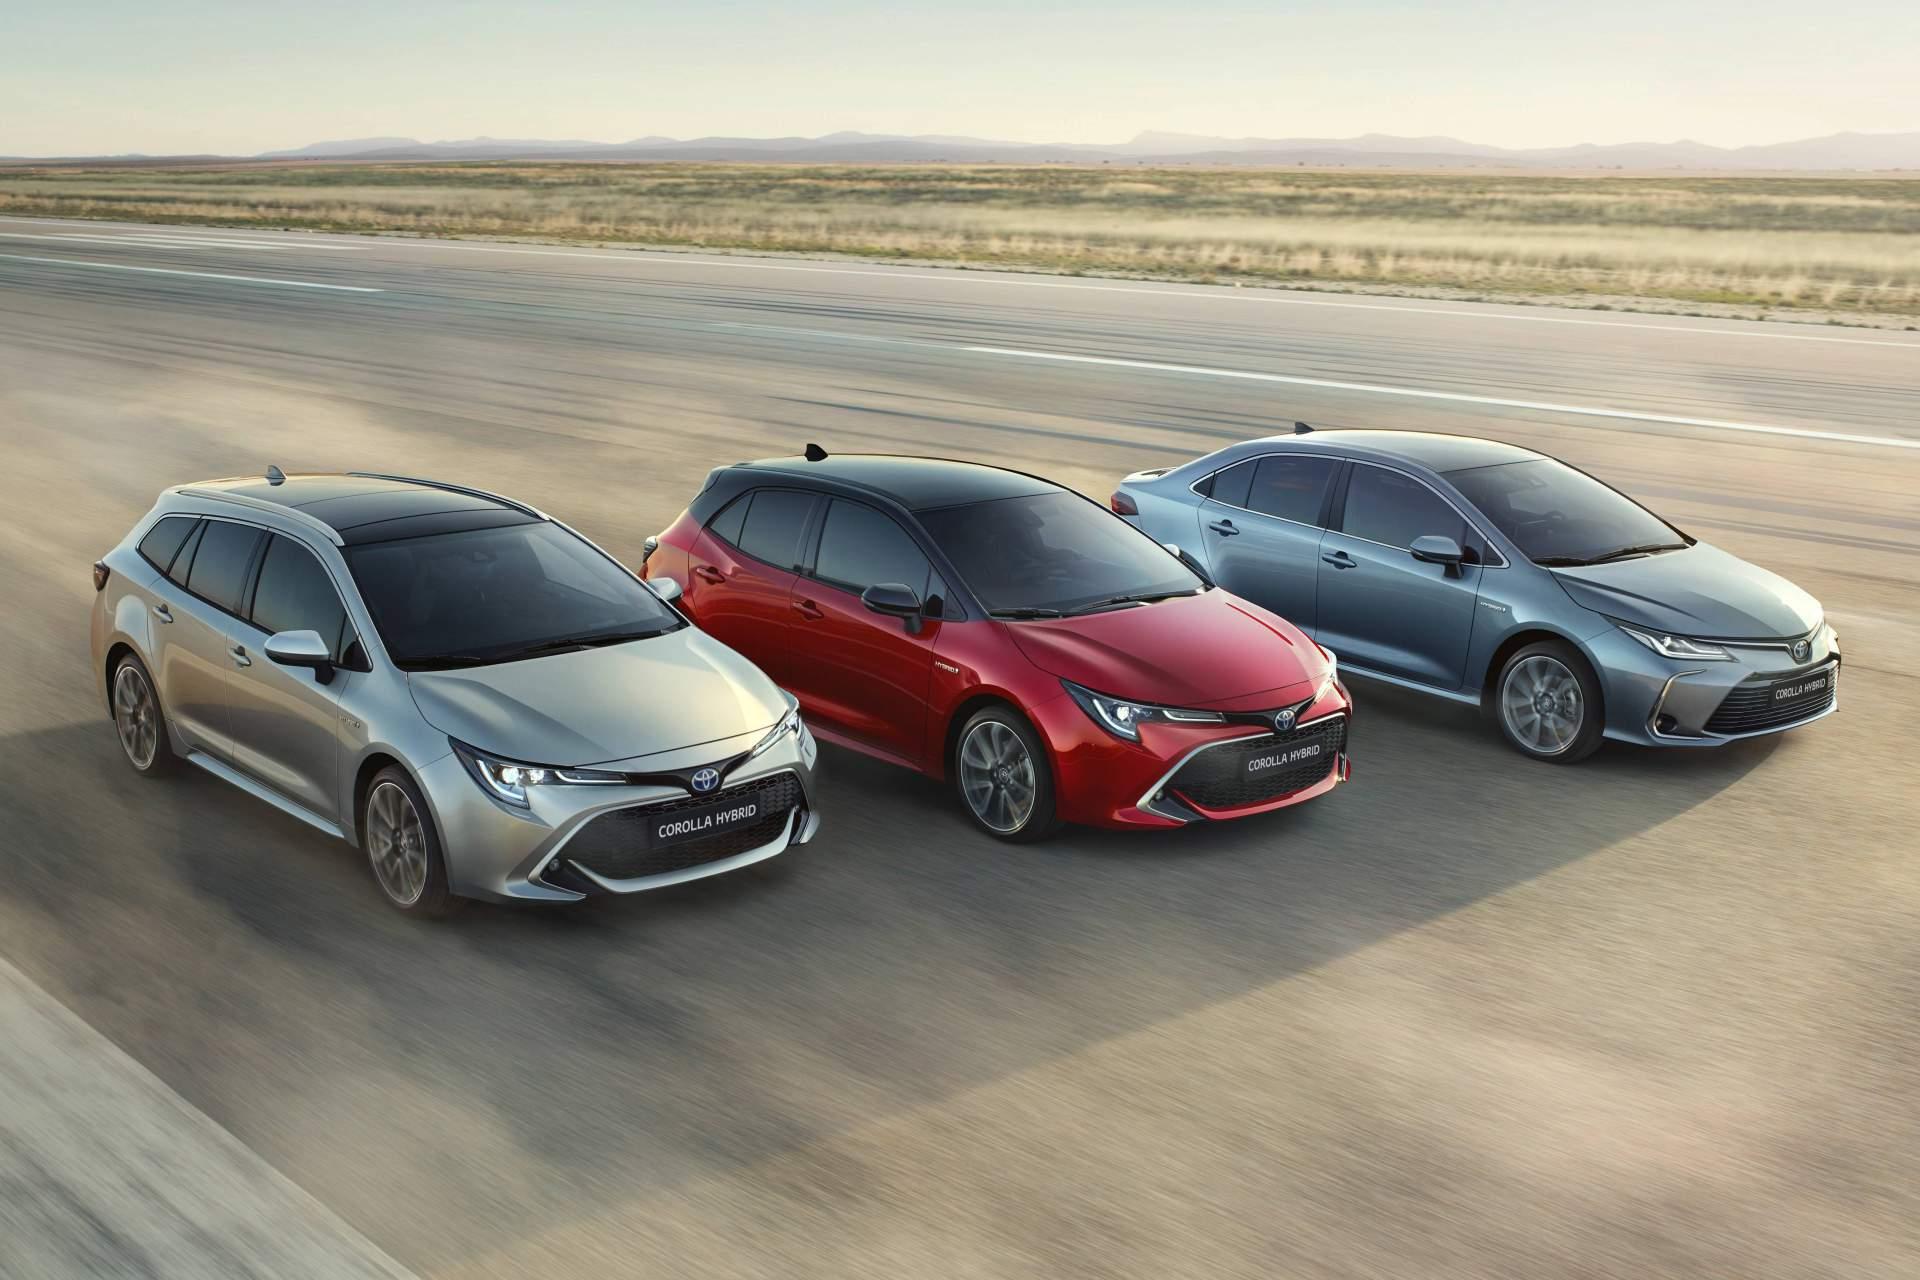 Најбараниот модел светот во првата половина од 2020 година е Toyota Corolla